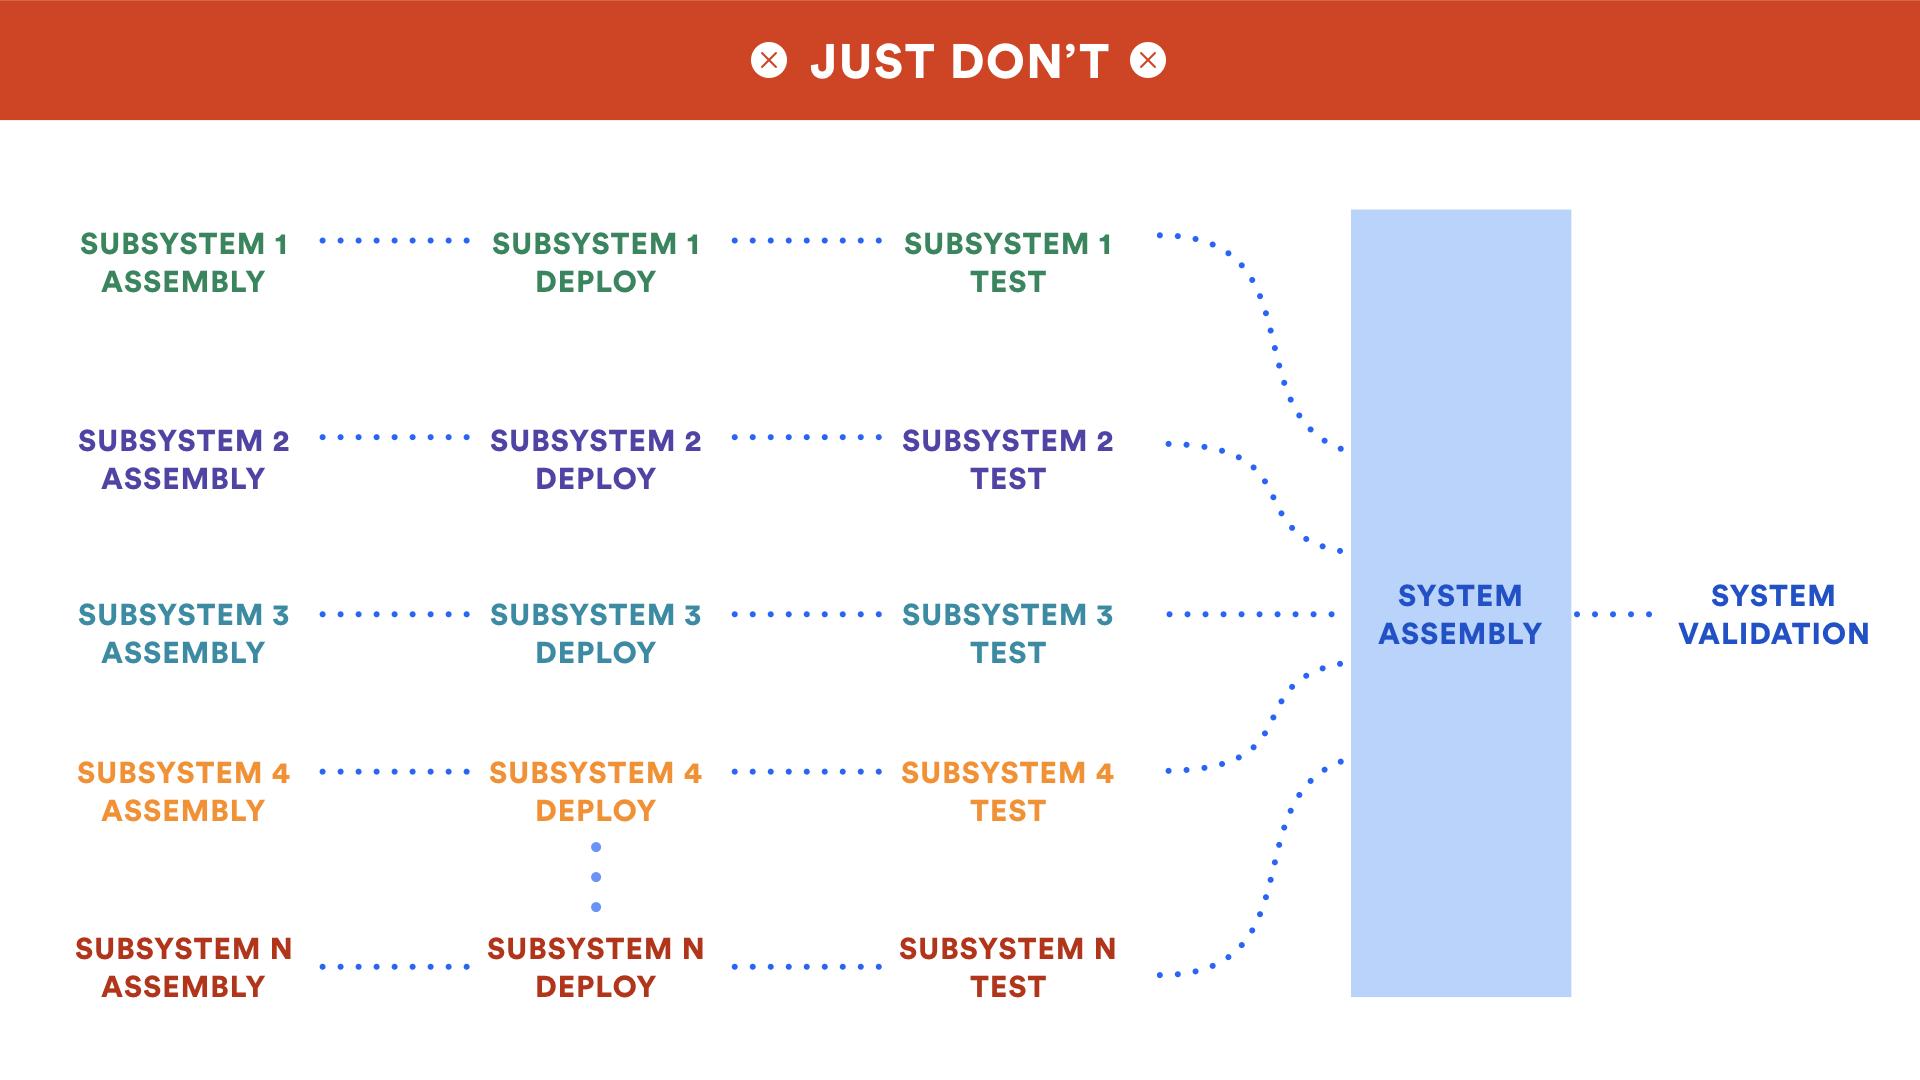 Un diagrama que muestra los múltiples subsistemas que componen un sistema | IC y EC de Atlassian